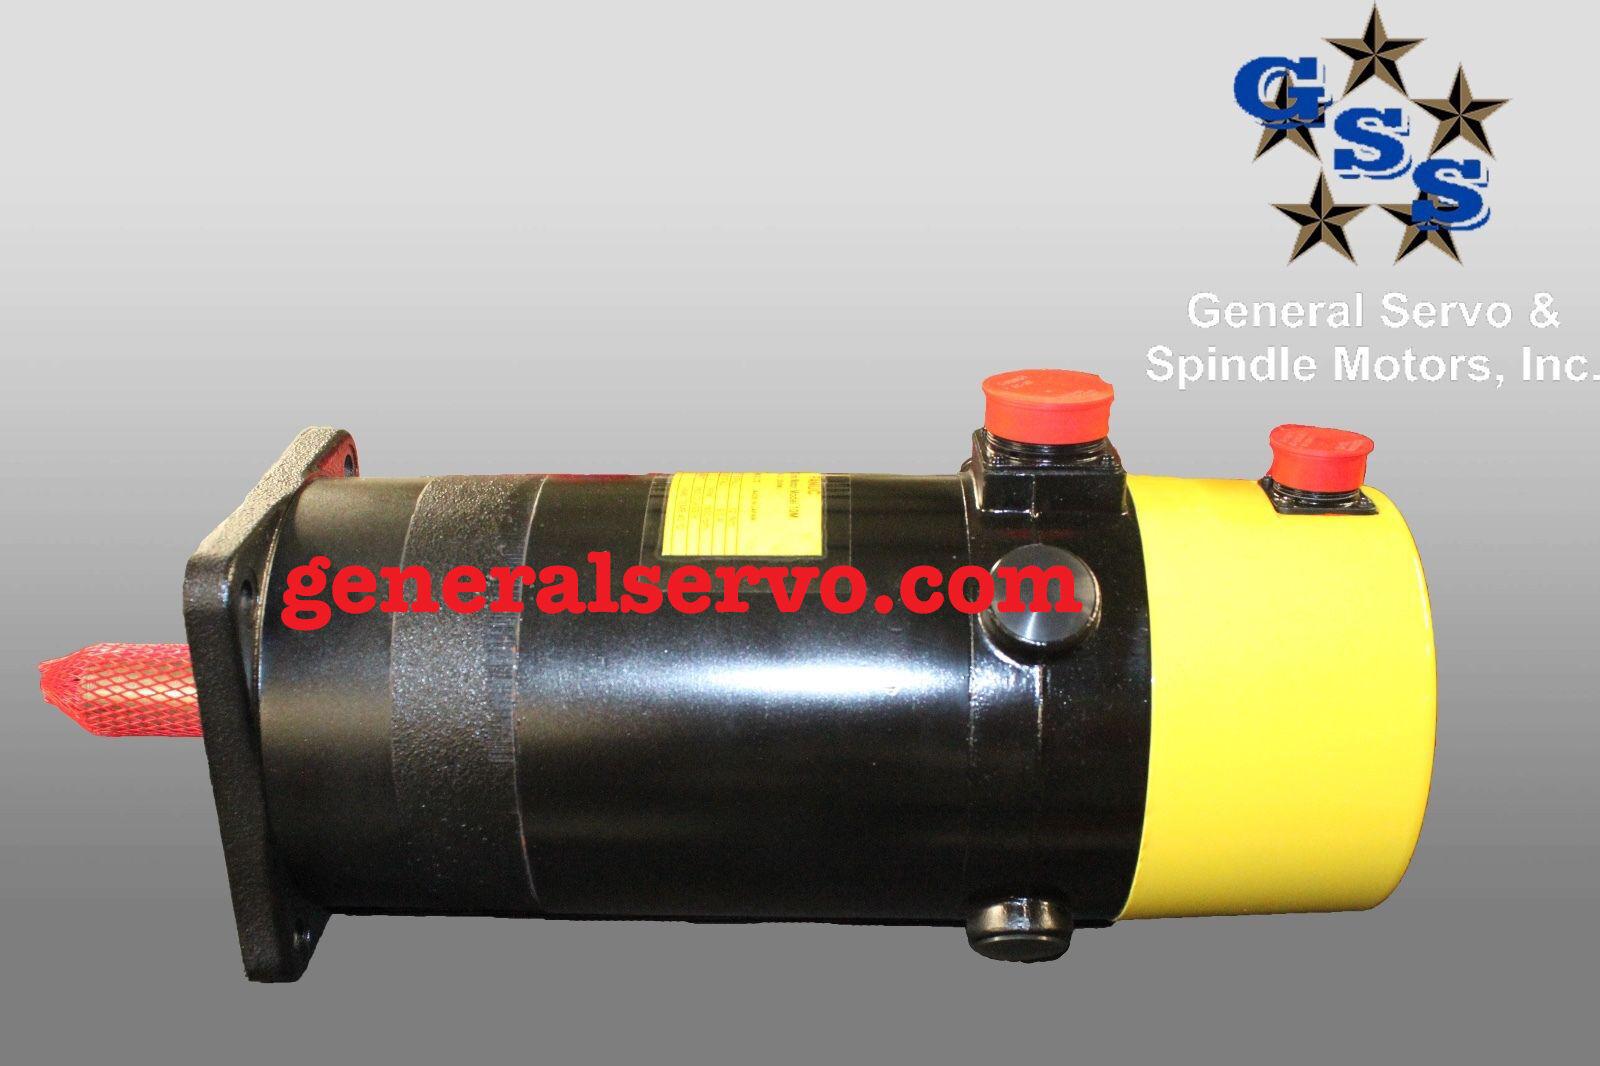 Fanuc A06B-0651-B213 DC MOTOR 10M 3000 P/R W/BRAKE *1 YEAR WARRANTY*